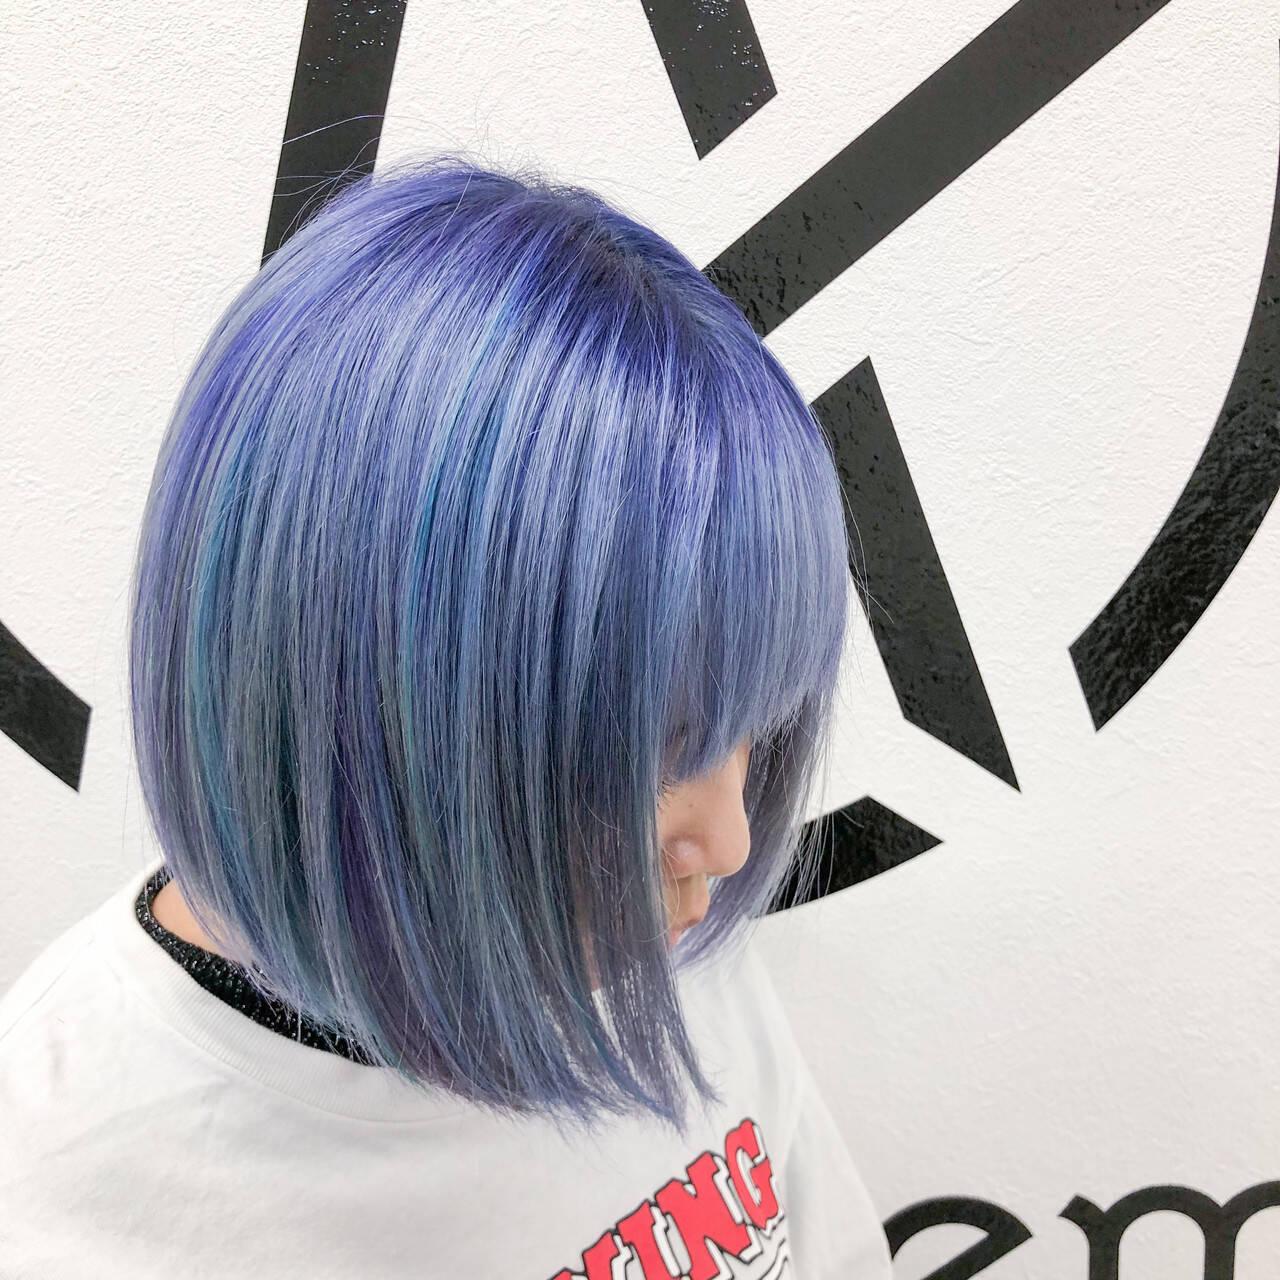 ブリーチオンカラー ブリーチカラー ブリーチ ホワイトブリーチヘアスタイルや髪型の写真・画像